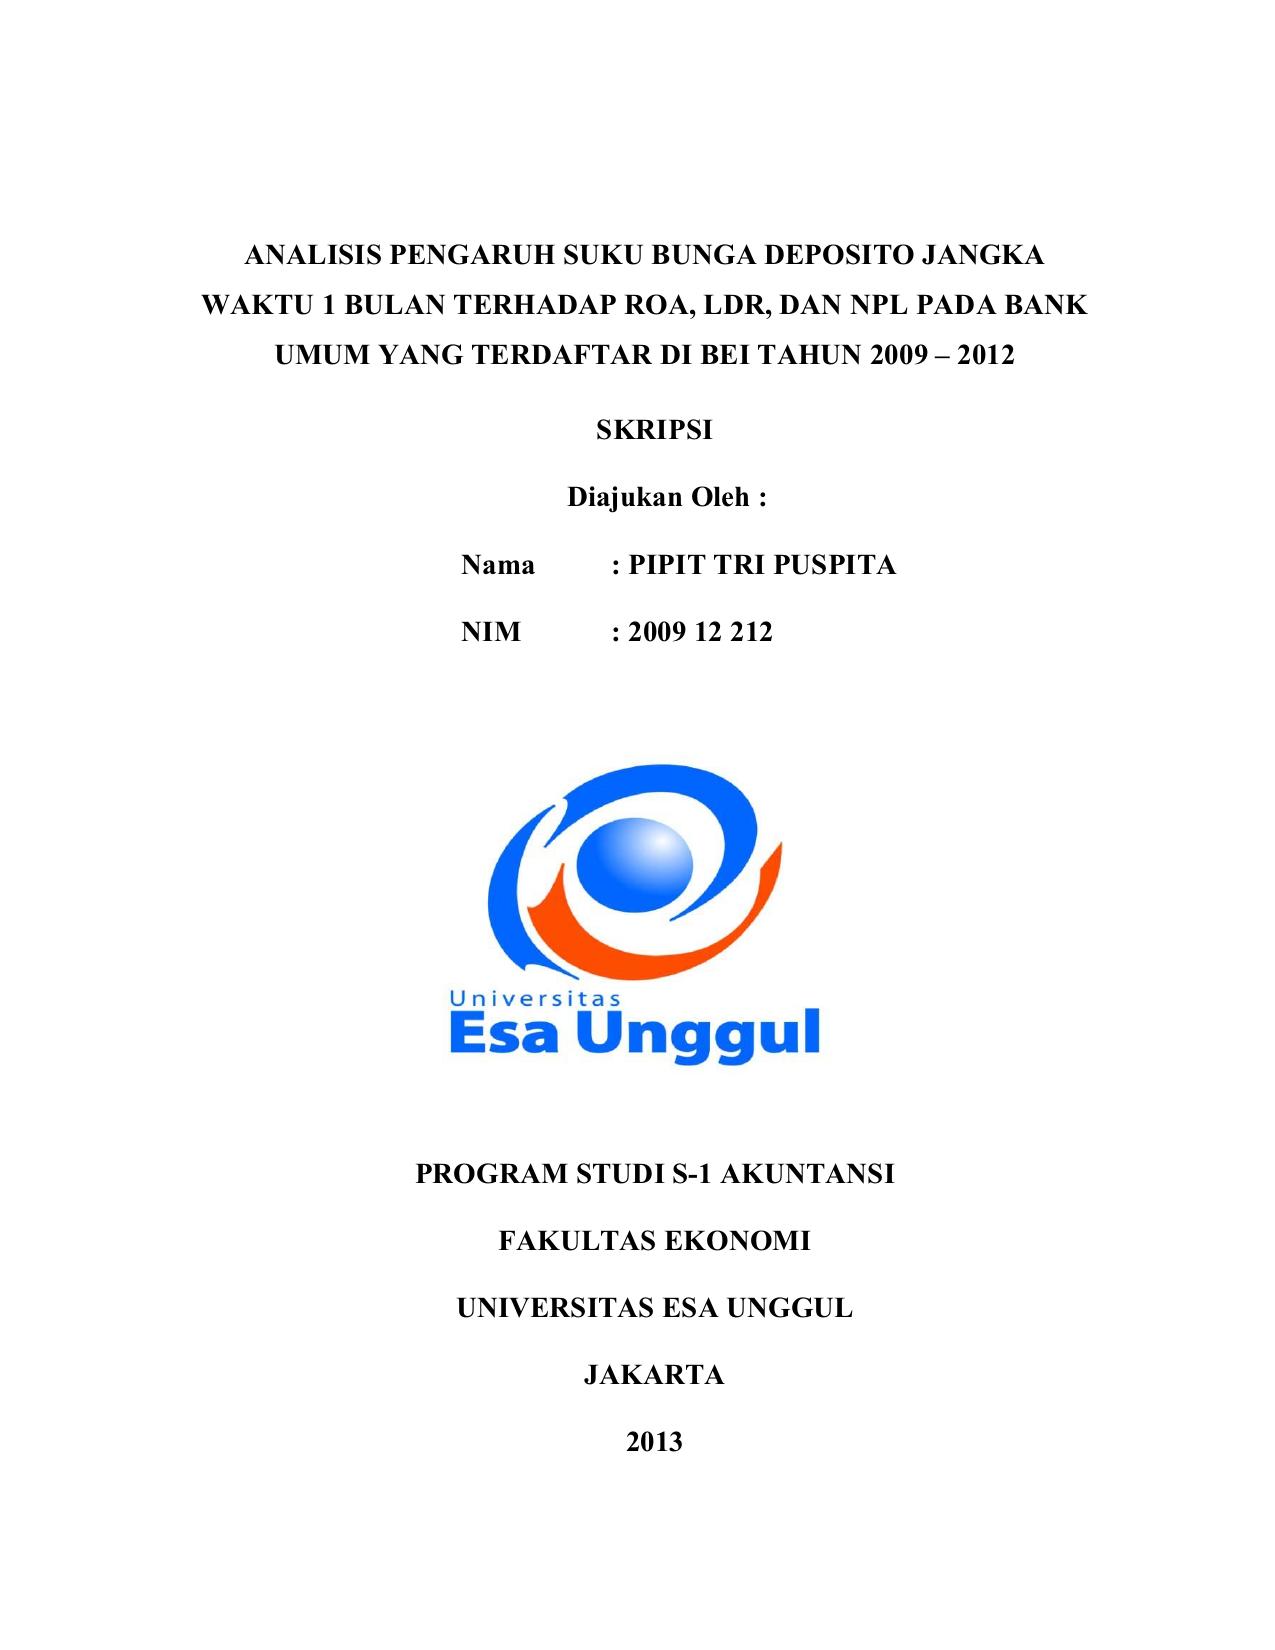 Analisis Pengaruh Suku Bunga Deposito Jangka Waktu 1 Bulan Terhadap ROA, LDR, dan NPL pada Bank Umum yang Terdaftar di Bei Tahun 2009 – 2012